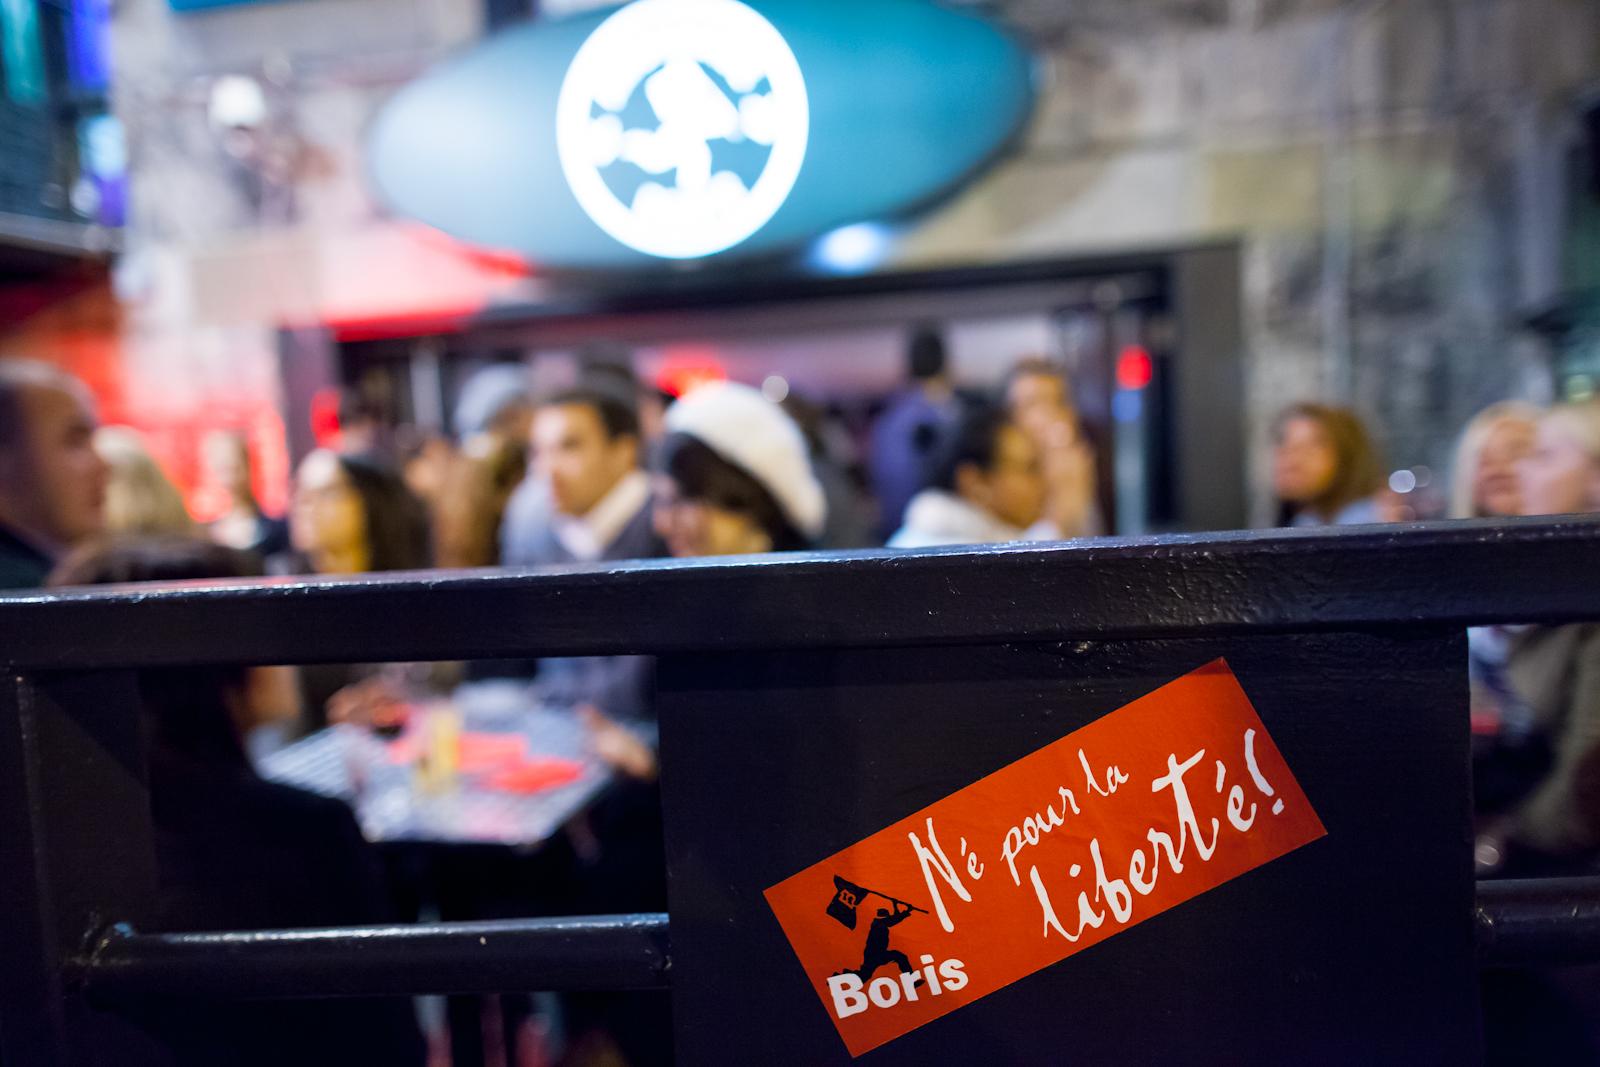 Soirée d'ouverture de l'Ambassade Boris: bières, terrasse et cuisine de rue